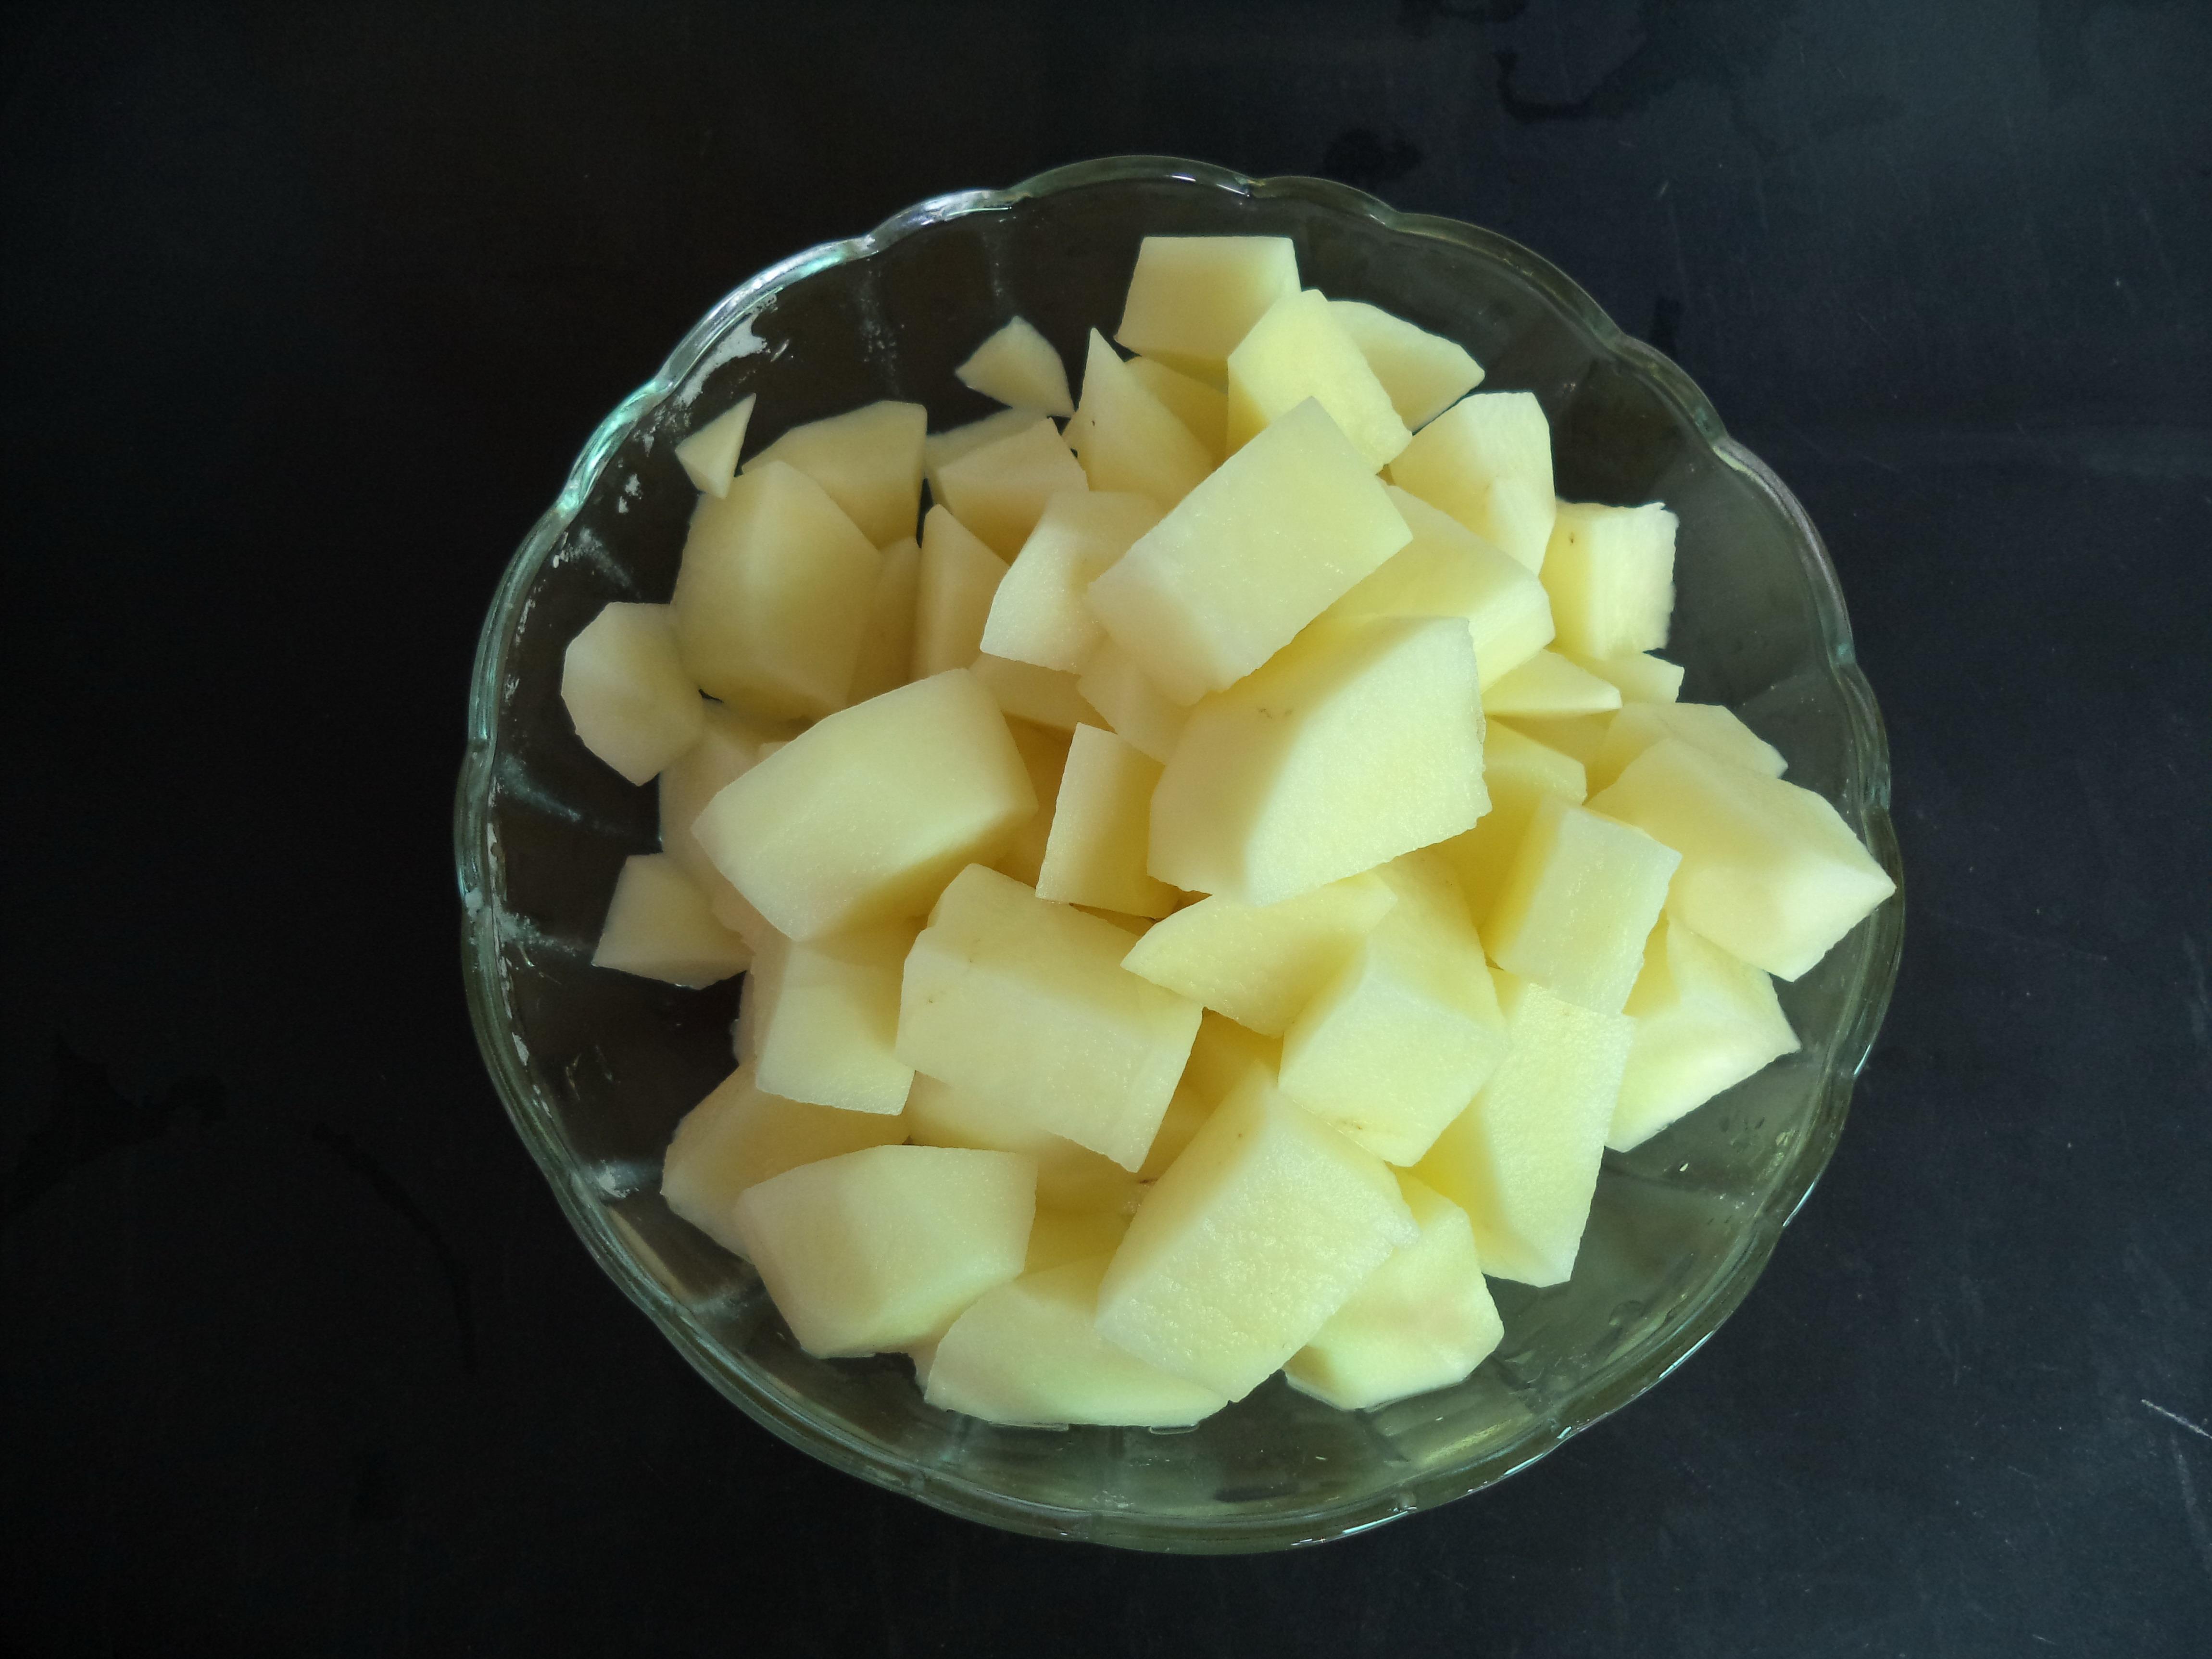 把洗好的土豆削皮,切块.